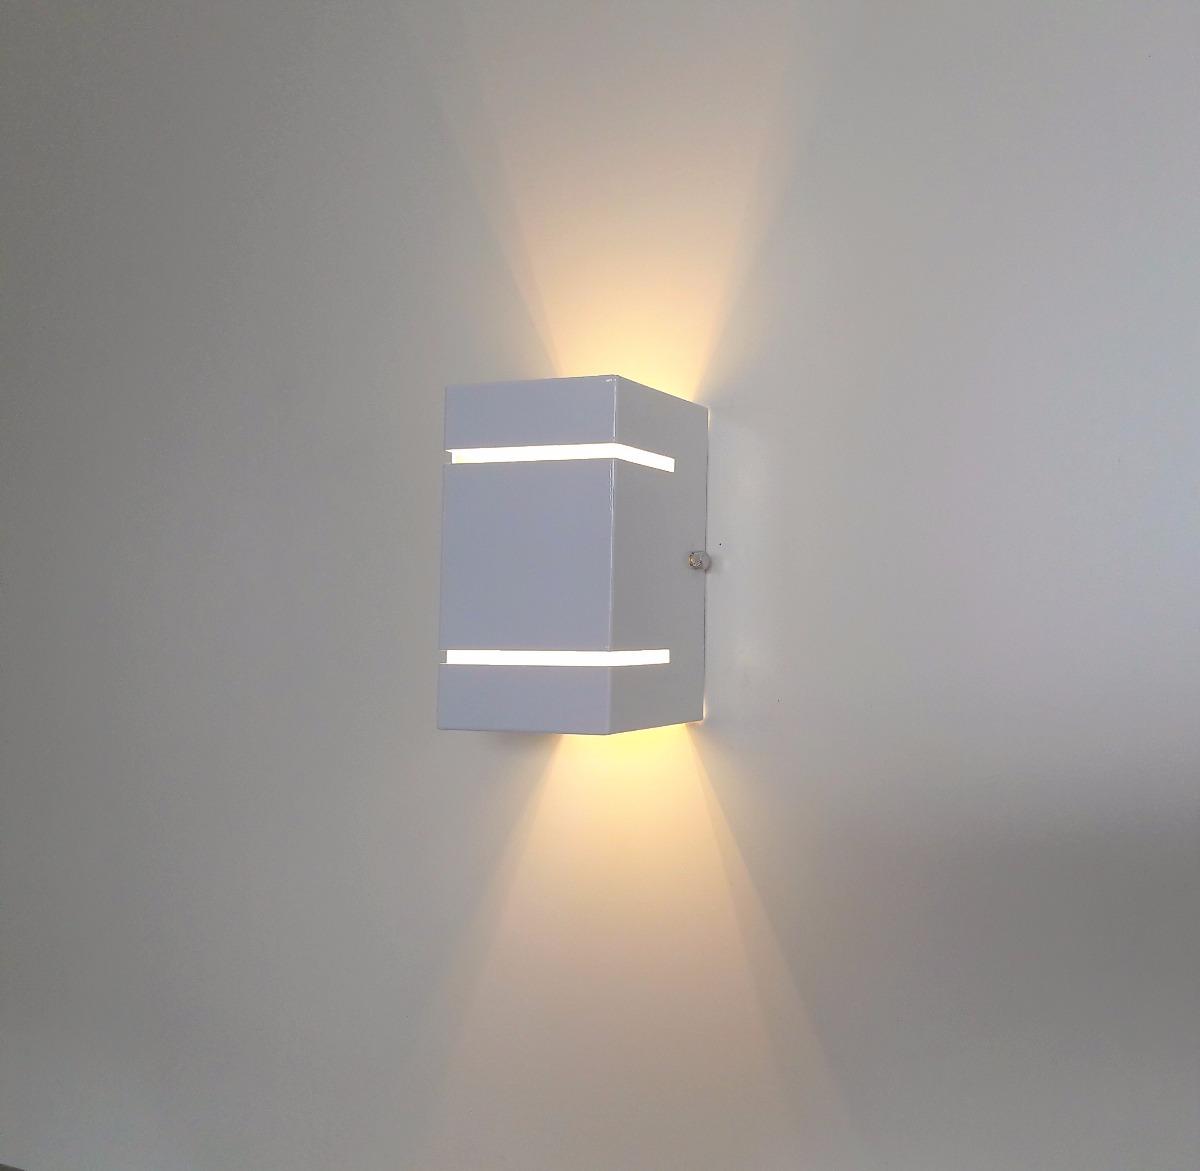 2 spot lumin ria de parede arandela externa fachos led for Luminarias de exterior led